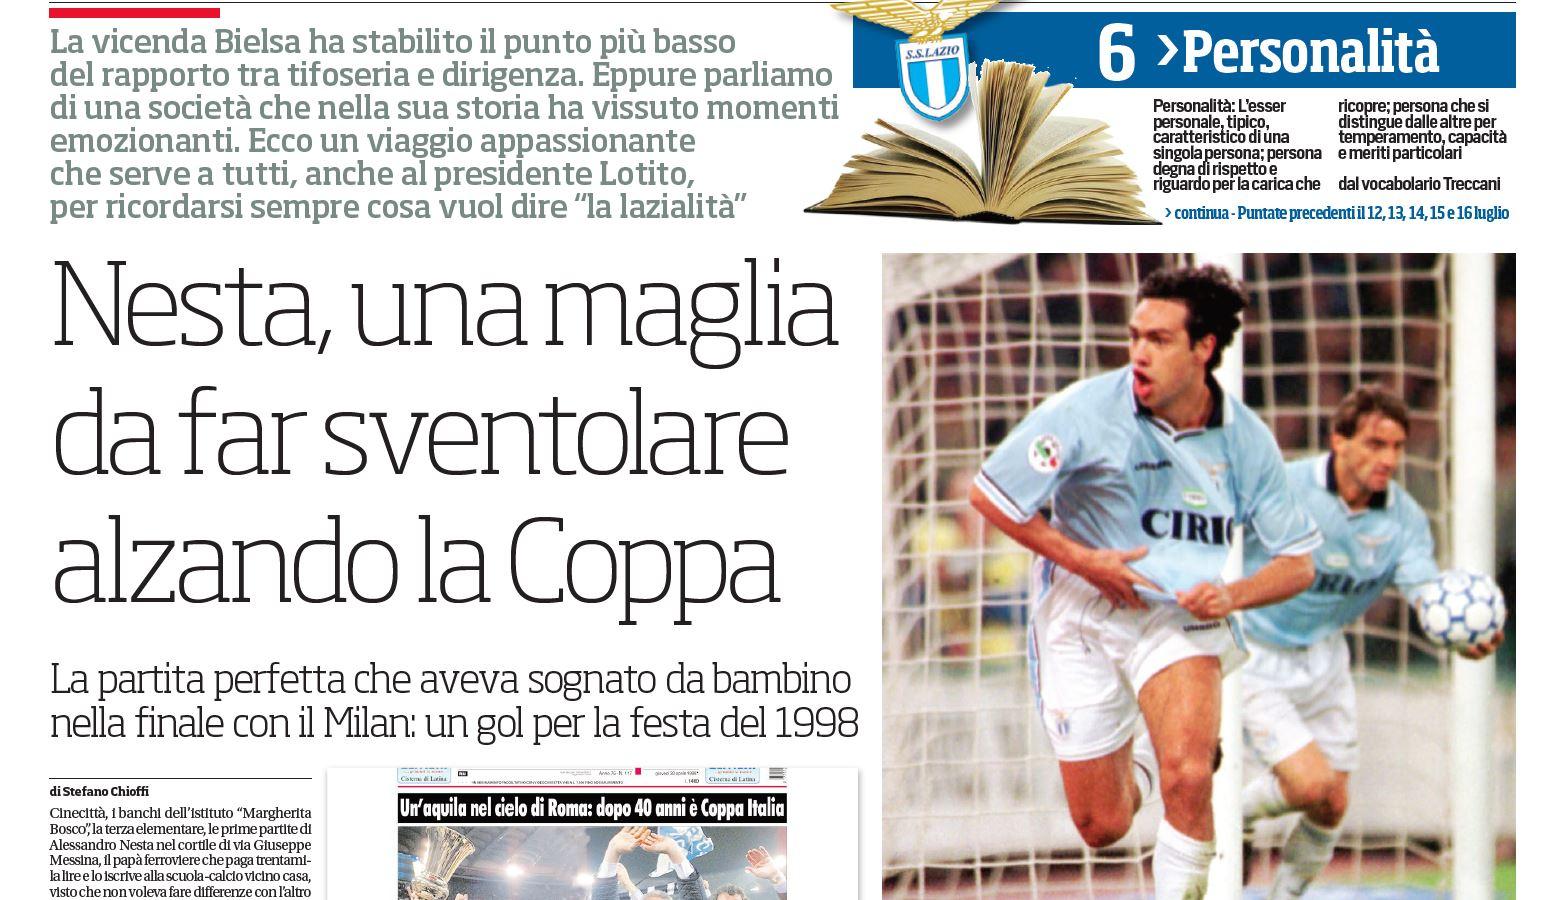 Speciale Lazio:Nesta, una magliada far sventolarealzando la Coppa